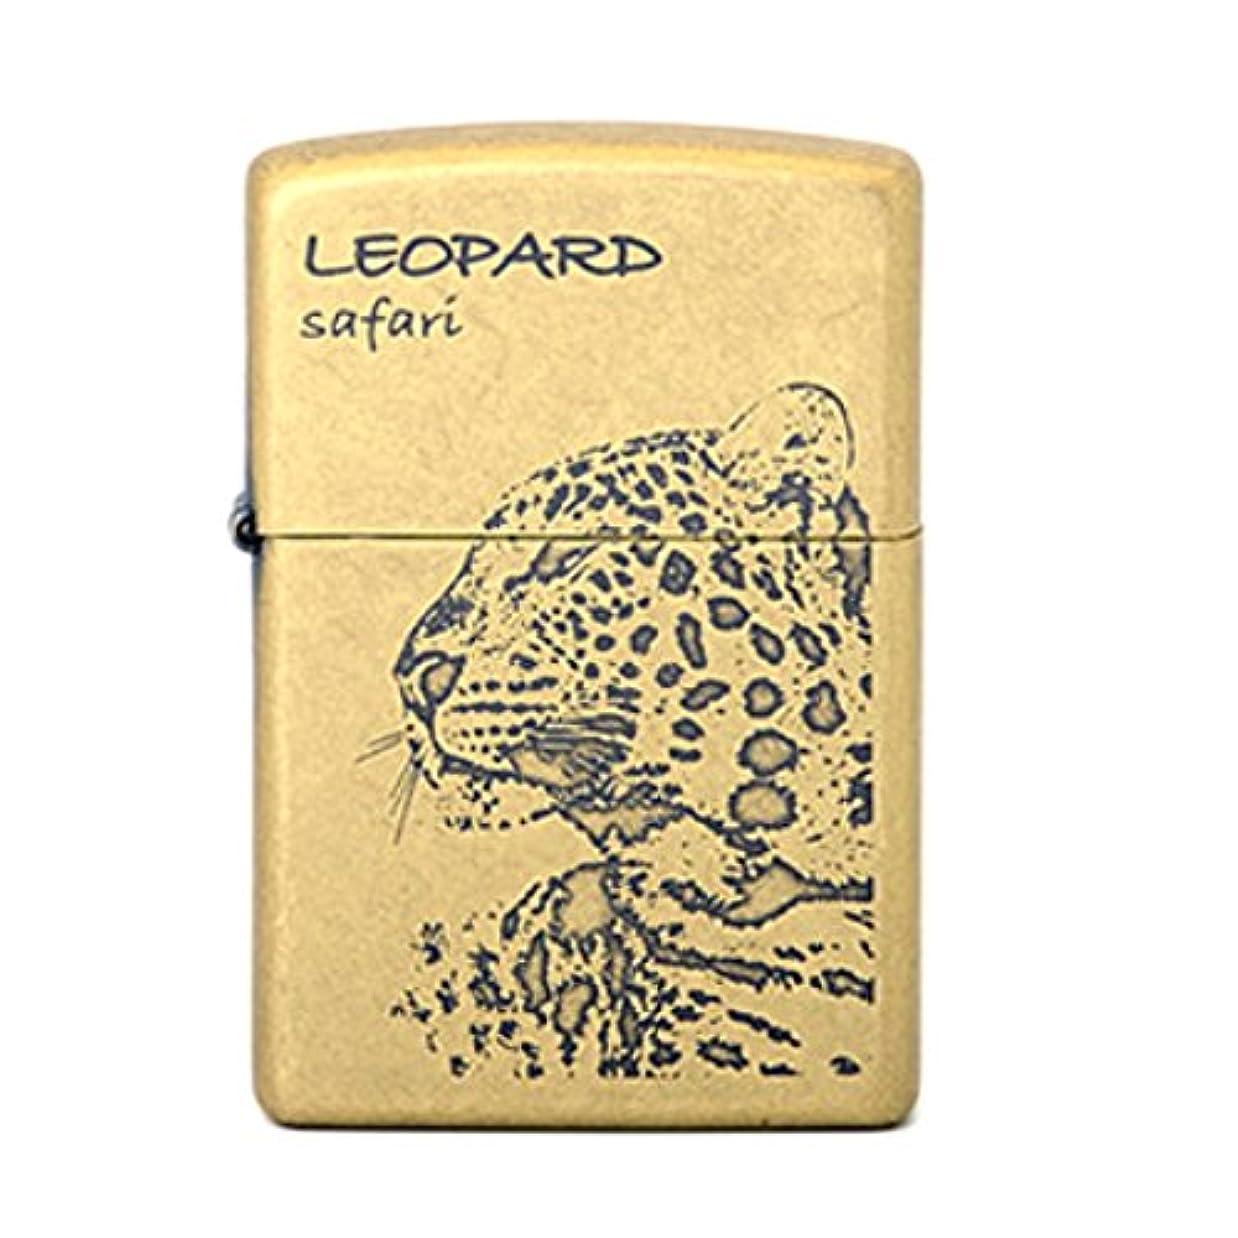 マイコンパトワ本土Zippo Leopard Safari GD Lighter ライター / 正真正銘の本物 / オリジナルパッキング(6フリントセット フリーギフト) [並行輸入品]